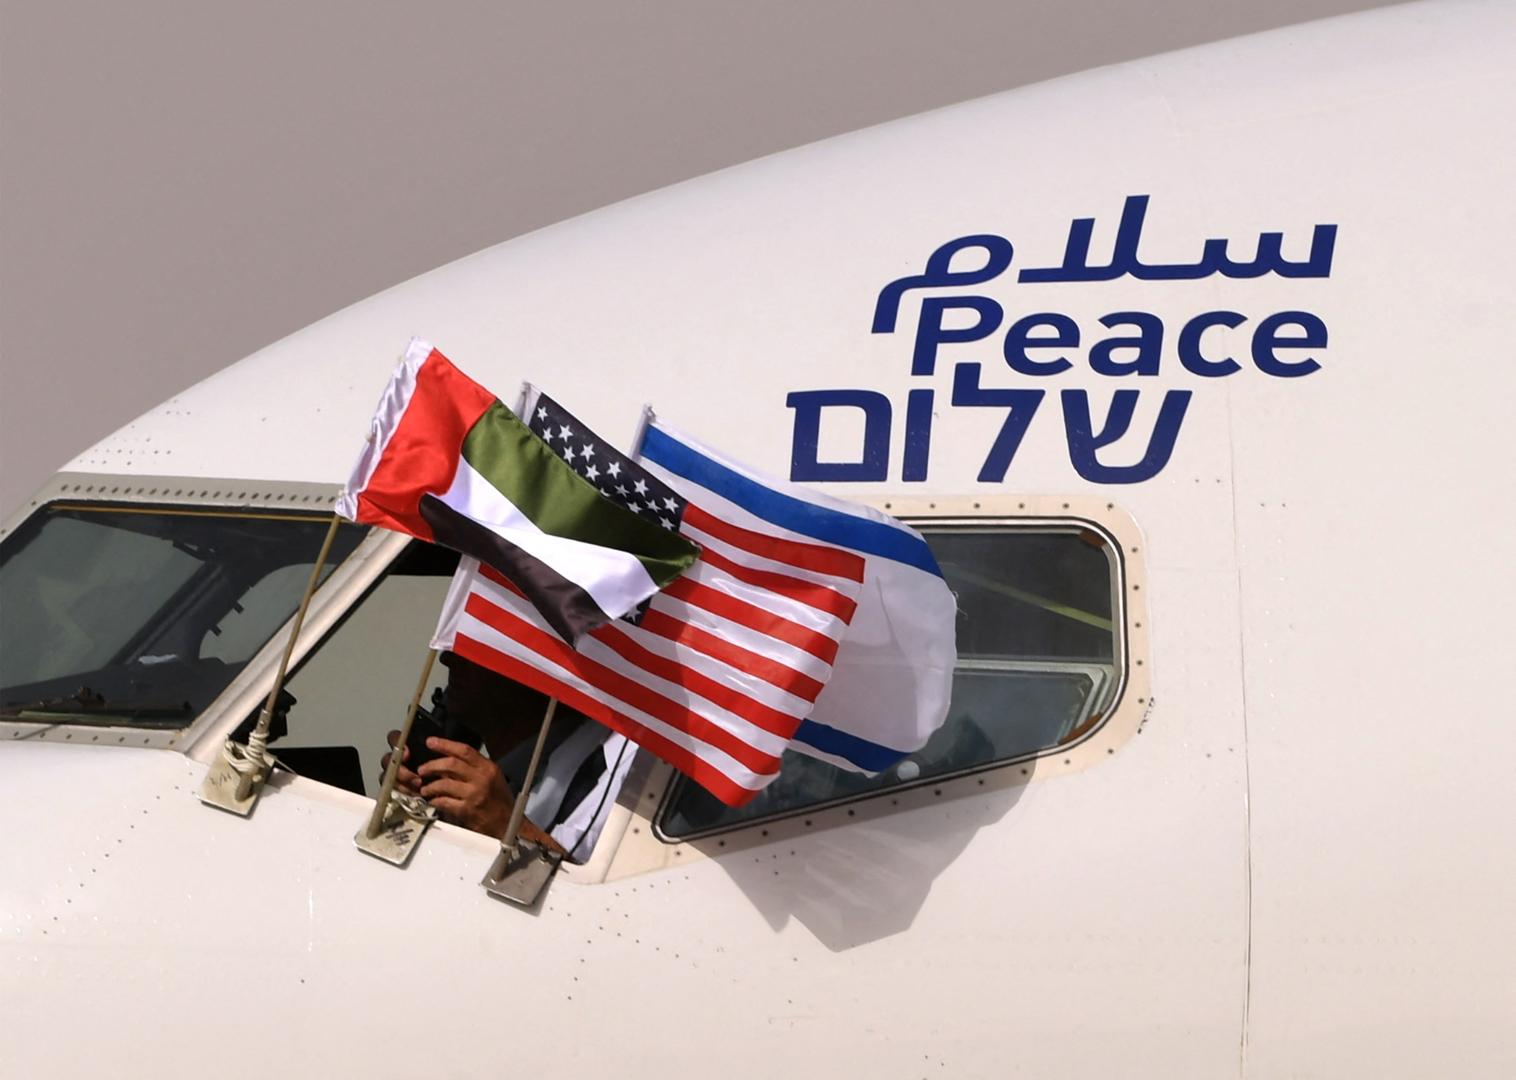 أعلام الإمارات وإسرائيل والولايات المتحدة